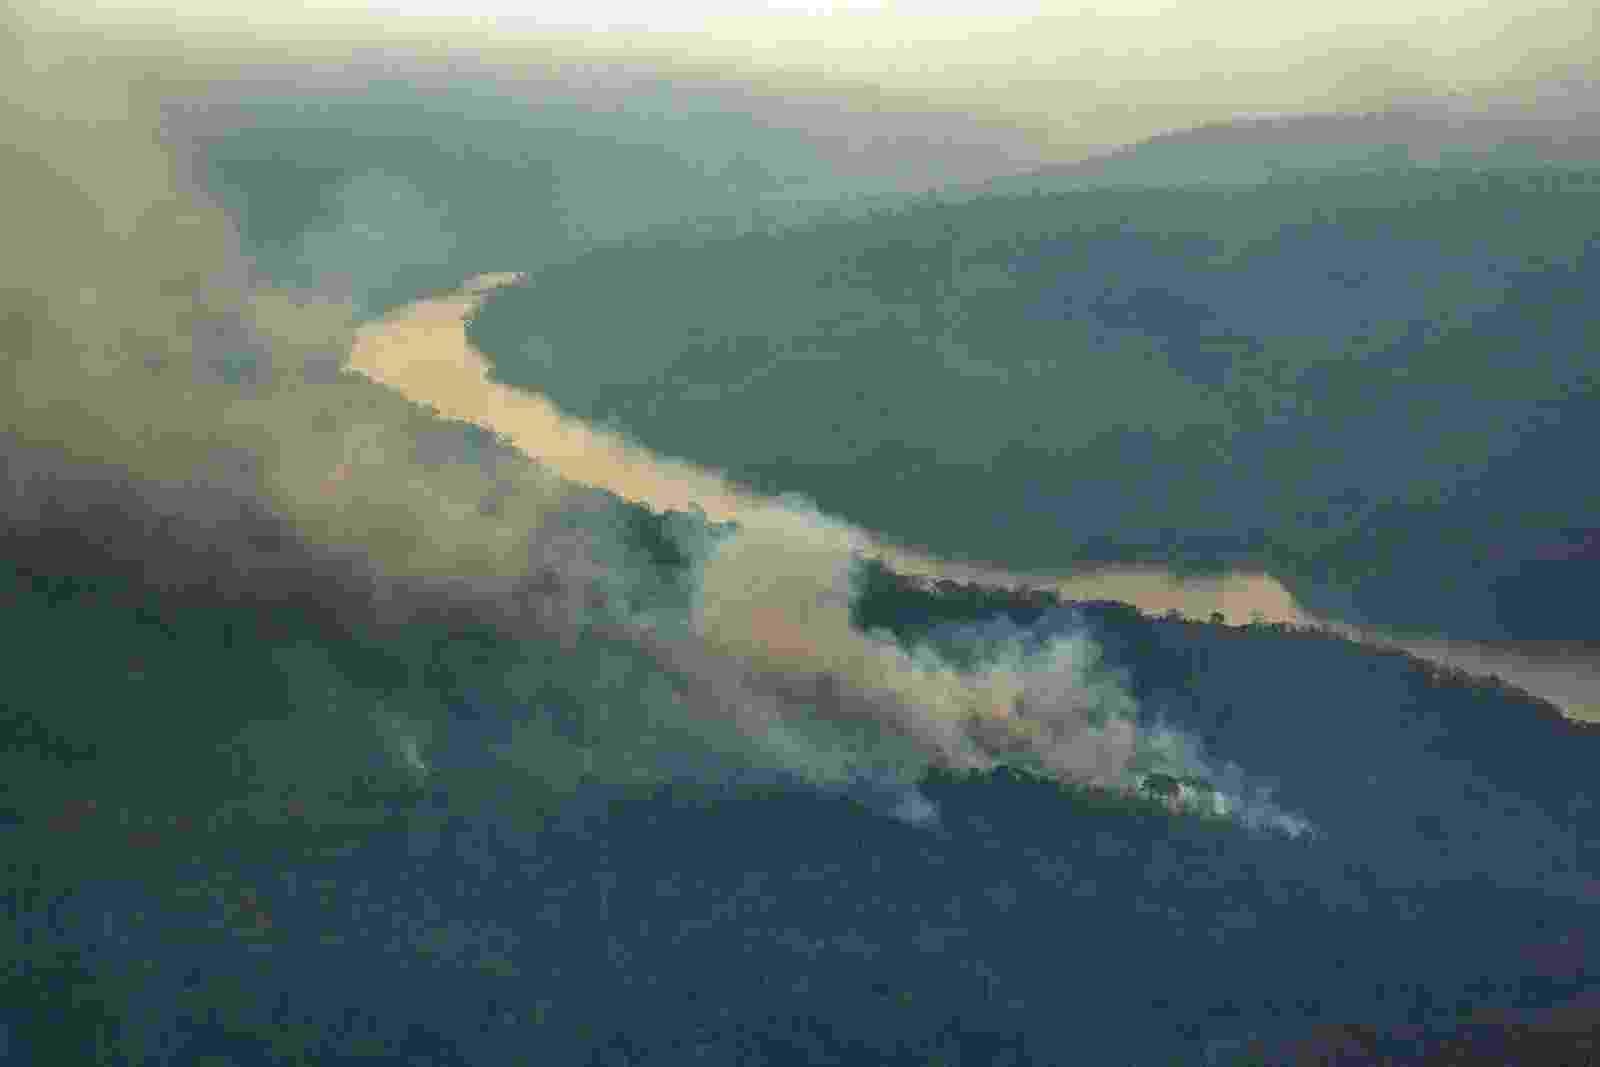 28.out.2015 - Foto aérea mostra incêndio florestal na terra indígena Arariboia, no Maranhão, onde vivem 12 mil Guajajaras e cerca de 80 índios isolados do povo Awá-Guajá. O incêndio dura dois meses e é o maior já registrado em terras indígenas no Brasil, segundo o Greenpeace - Marizilda Cruppe / Greenpeace